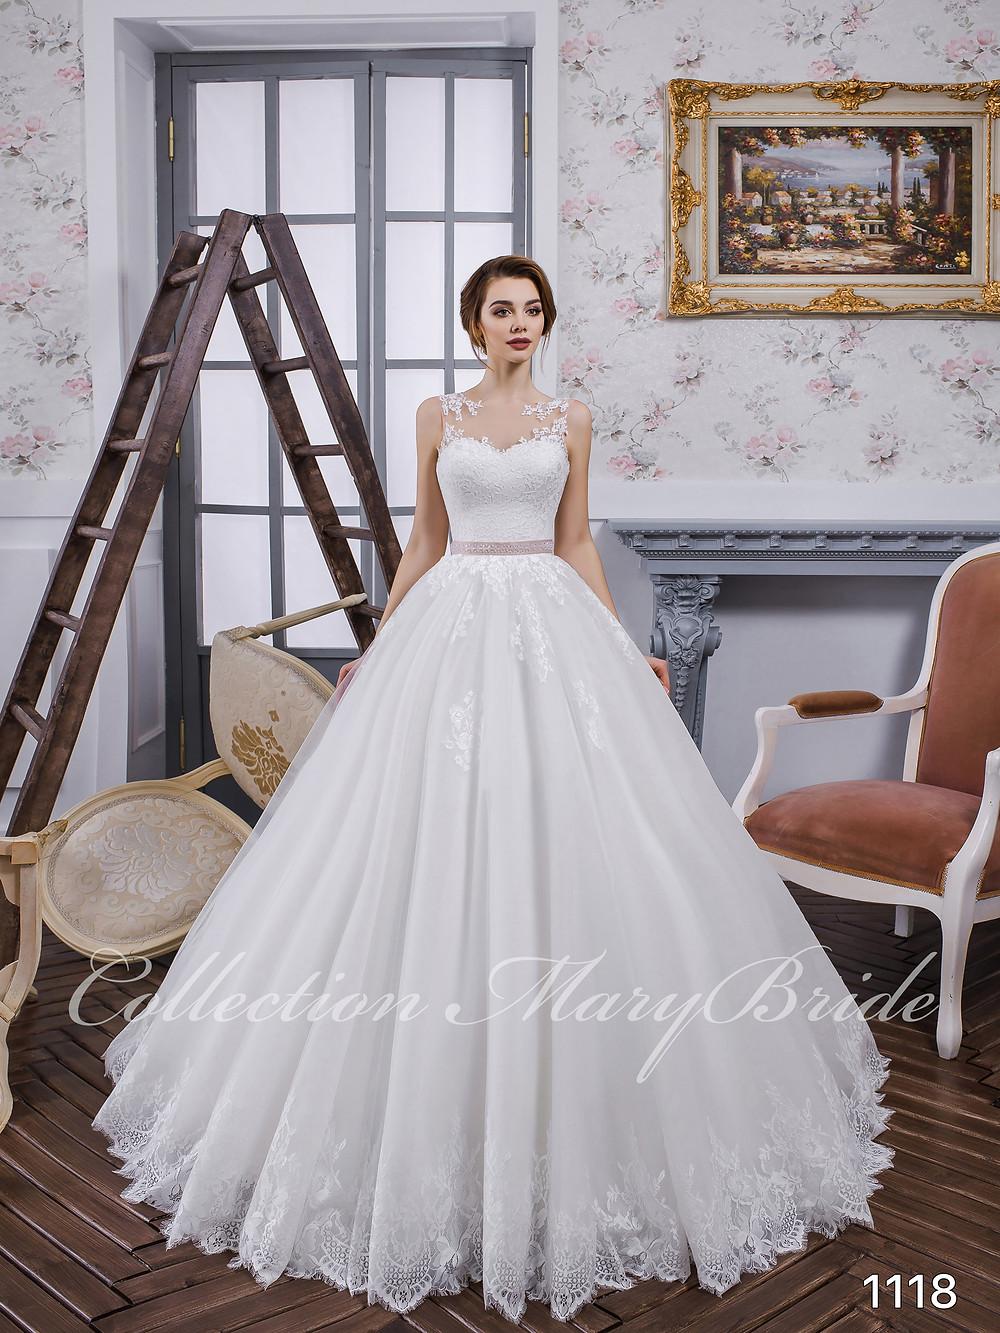 Mary Bride 1118